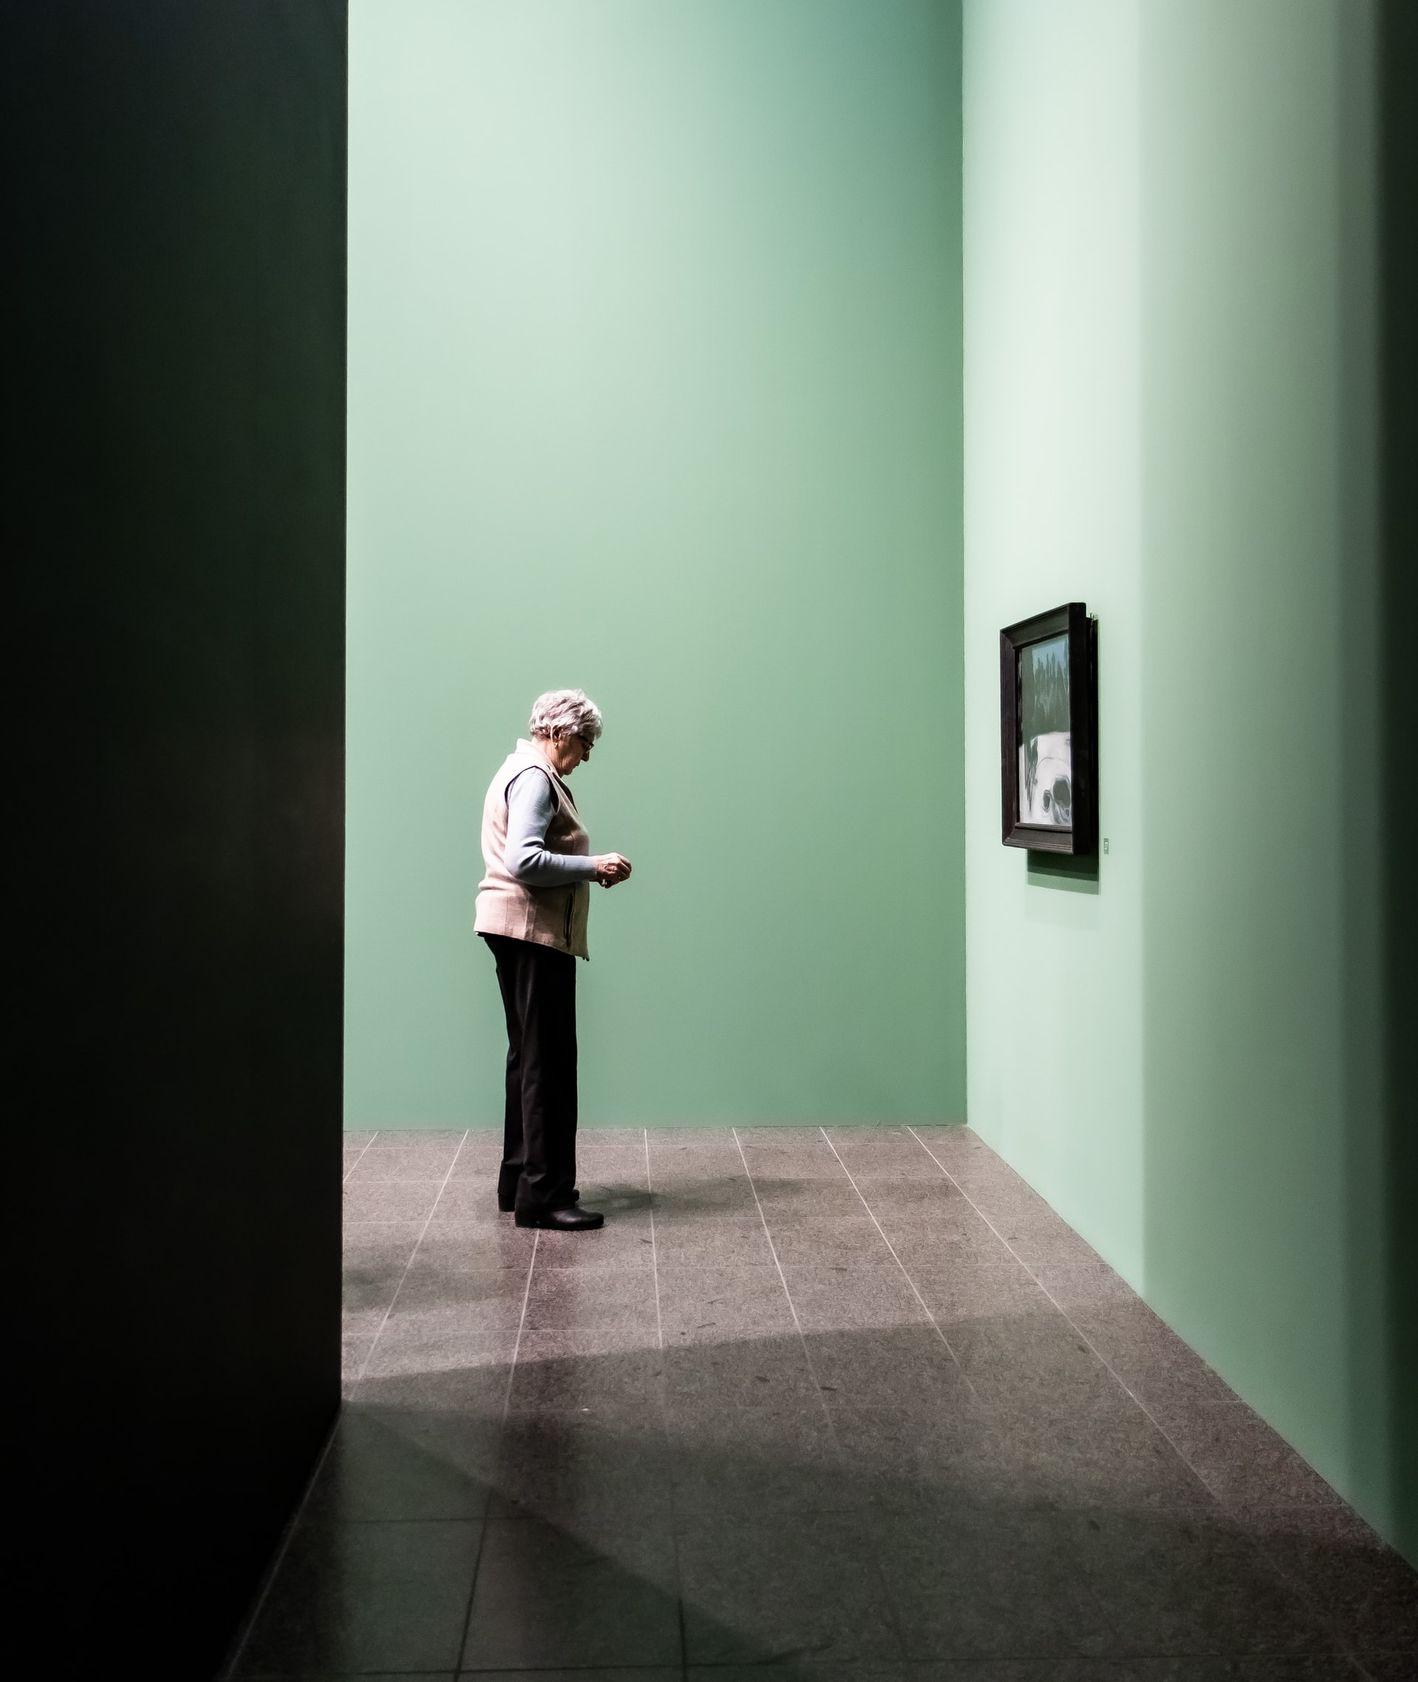 Kobieta oglądająca obraz w galerii (fot. Laura Cleffmann / unsplash.com)